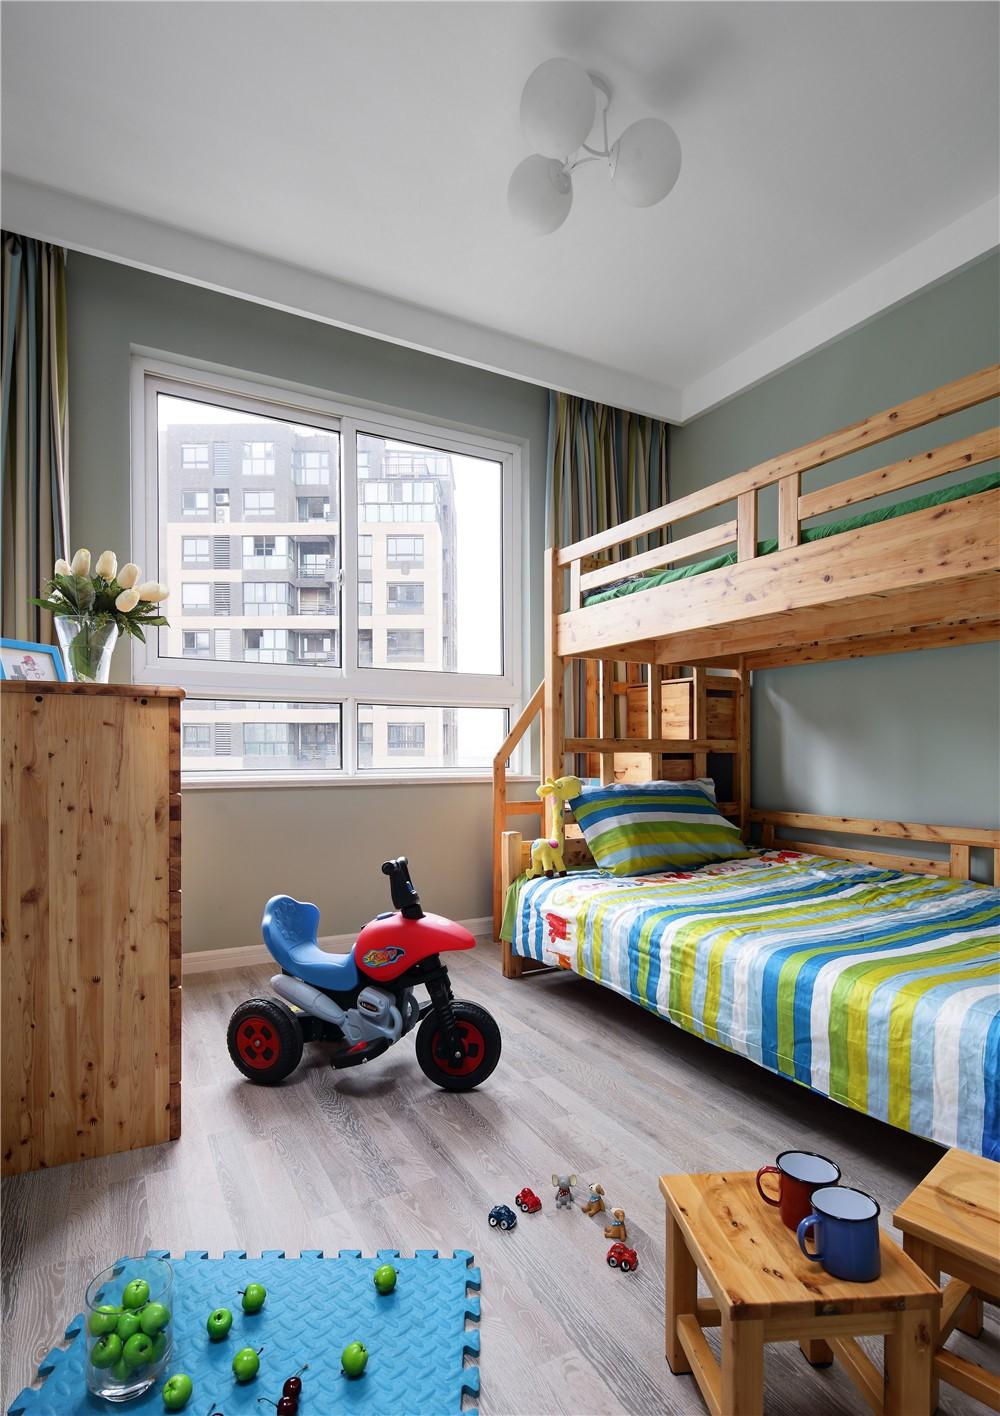 2020現代簡約兒童房裝飾設計 2020現代簡約地板裝修設計